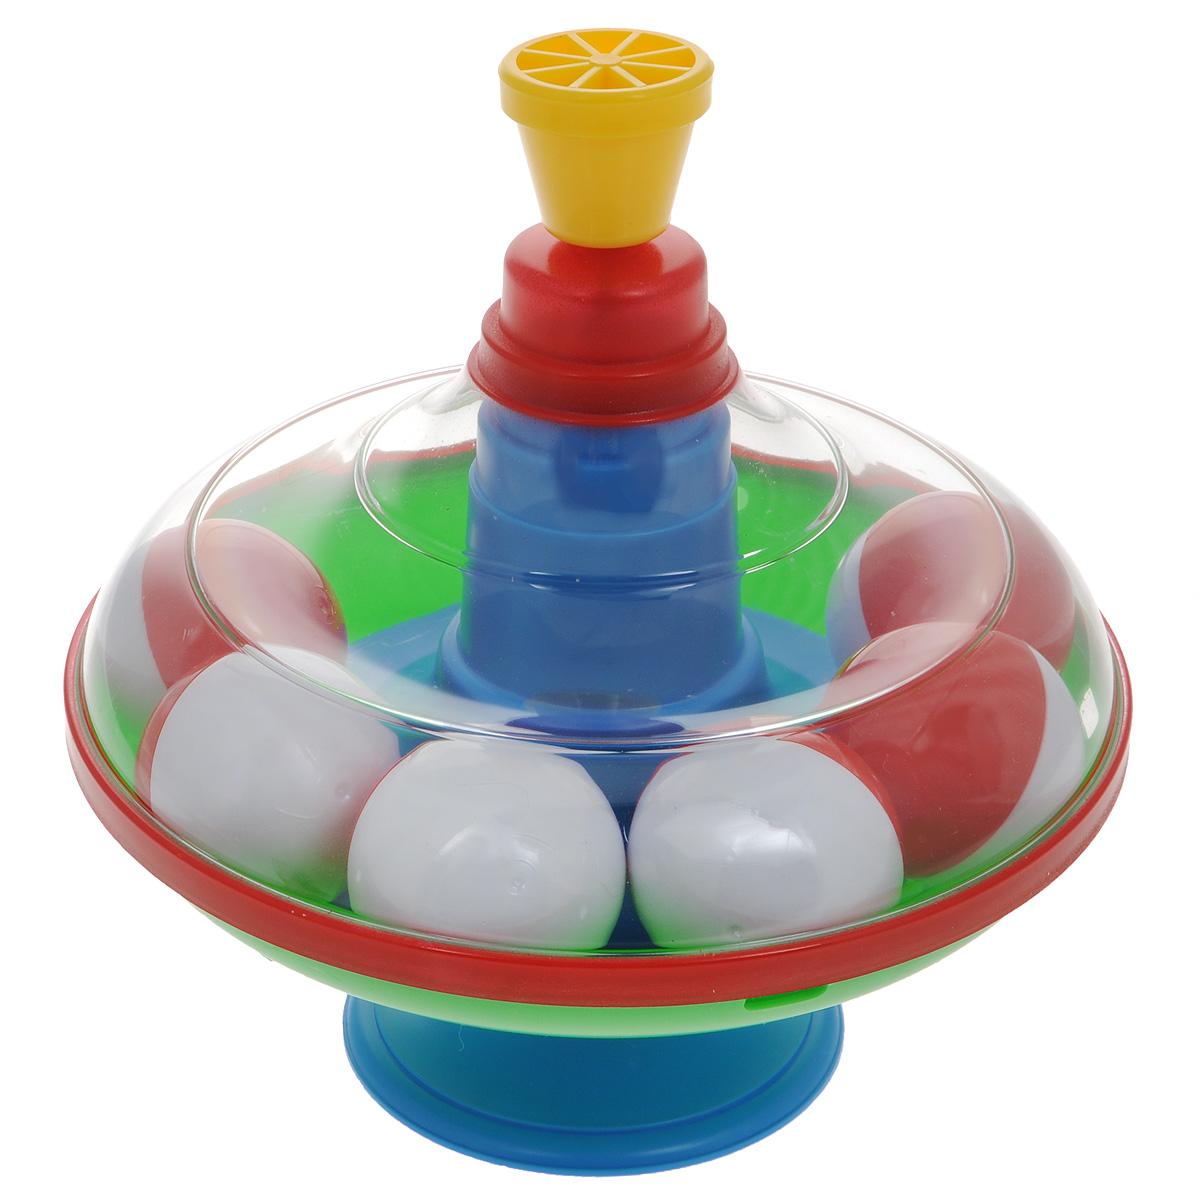 Юла Stellar, с шариками. 0132001320Яркая развивающая юла Stellar станет для вашего малыша любимой игрушкой. Юла выполнена из безопасного пластика в яркой цветовой гамме и дополнена устойчивой ножкой-подставкой. Внутри находятся шесть шариков. Стоит раскрутить юлу, нажав на ручку, и шарики вокруг центра игрушки завертятся веселым хороводом! Юла - динамическая игрушка для самых маленьких, которая стимулирует познавательную активность, развивает наглядно-действенное мышление, координацию движений и мелкую моторику рук. Порадуйте своего непоседу таким великолепным подарком!